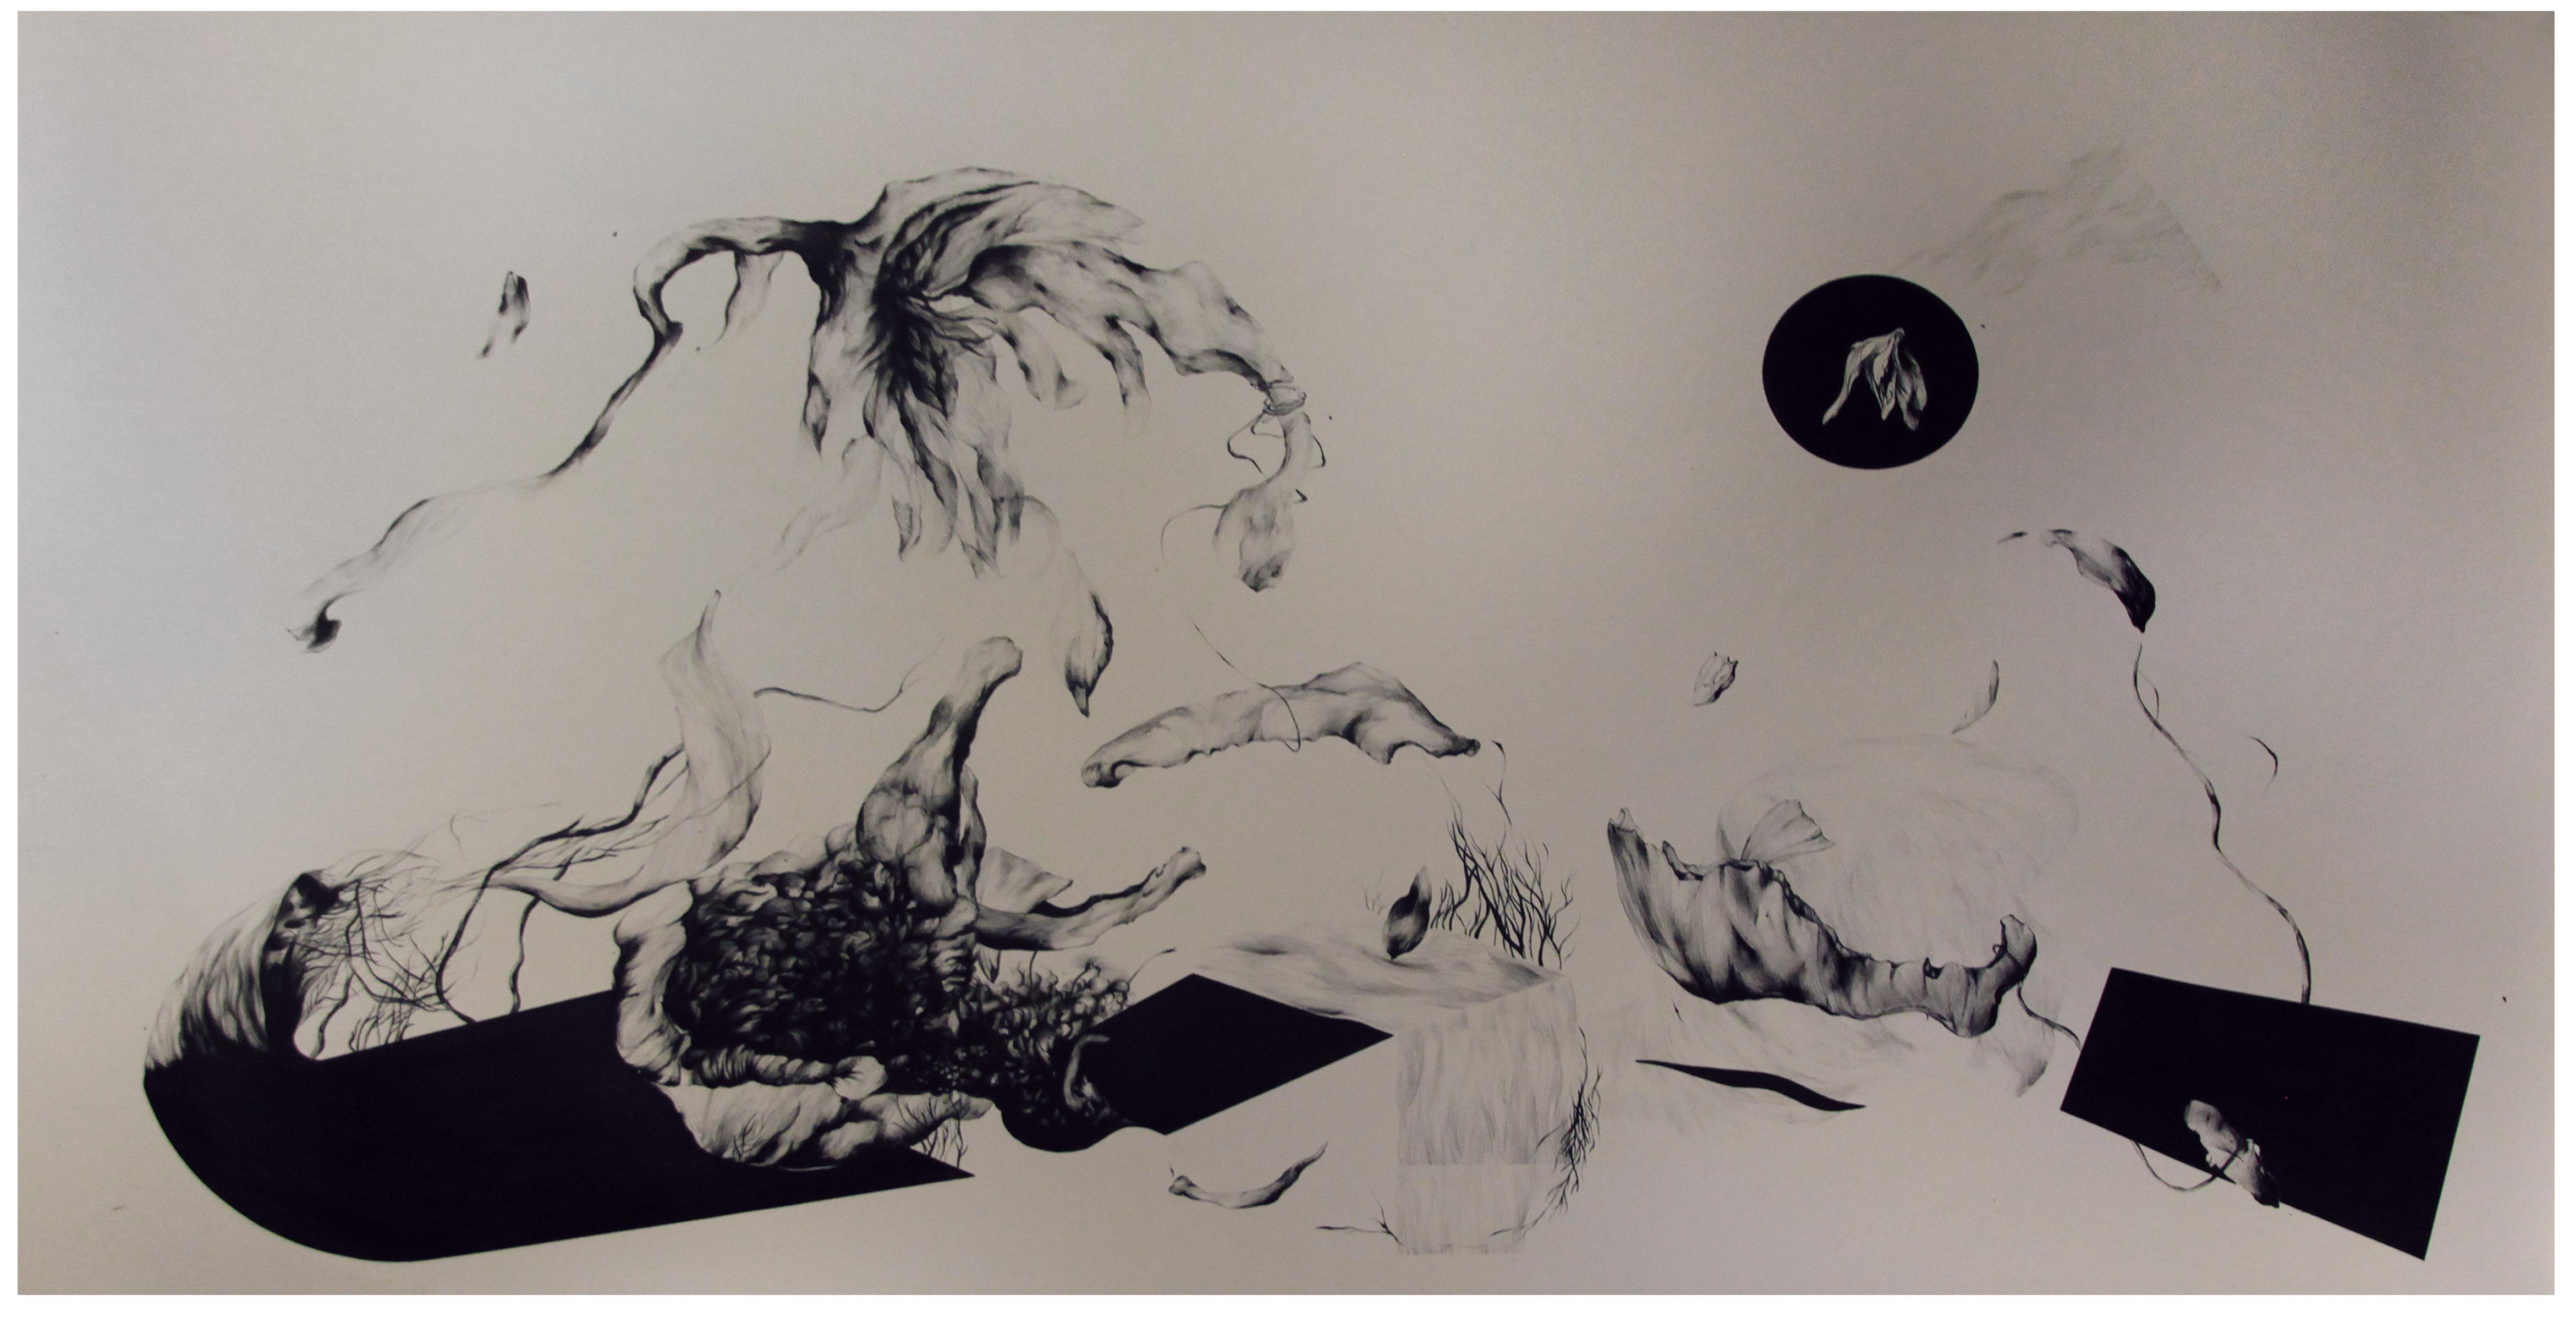 Yosra Mojtahedi/les fleurs du printemps , jouissant à la naissance d'un merle noir / Encre sur papier / 244x140cm/2020